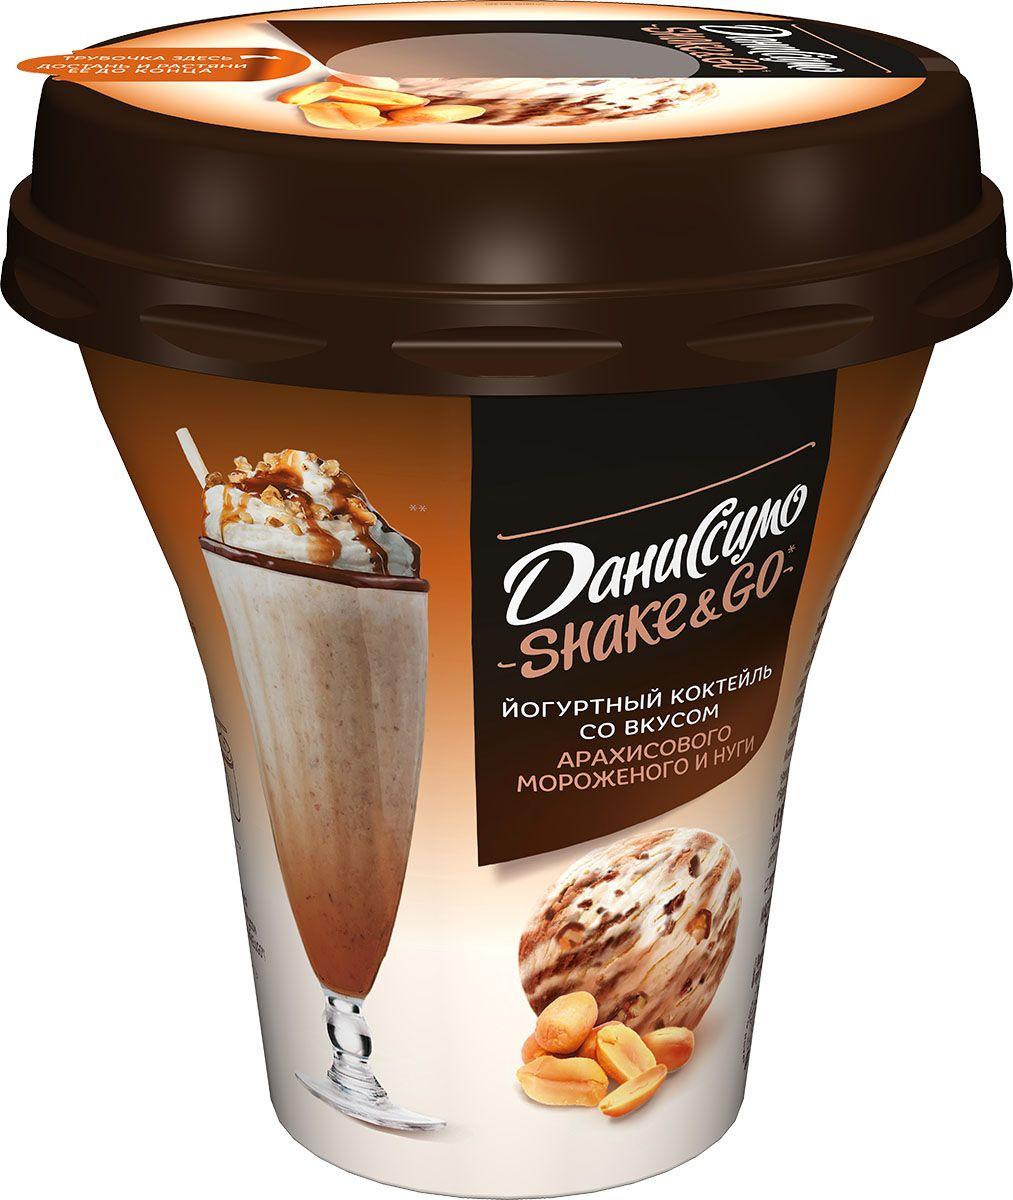 Даниссимо Shake&Go Йогуртный коктейль Арахисовое мороженое и Нуга 5,2%, 260 г молочный коктейль даниссимо со вкусом мороженого крем брюле 2 5% 215 г